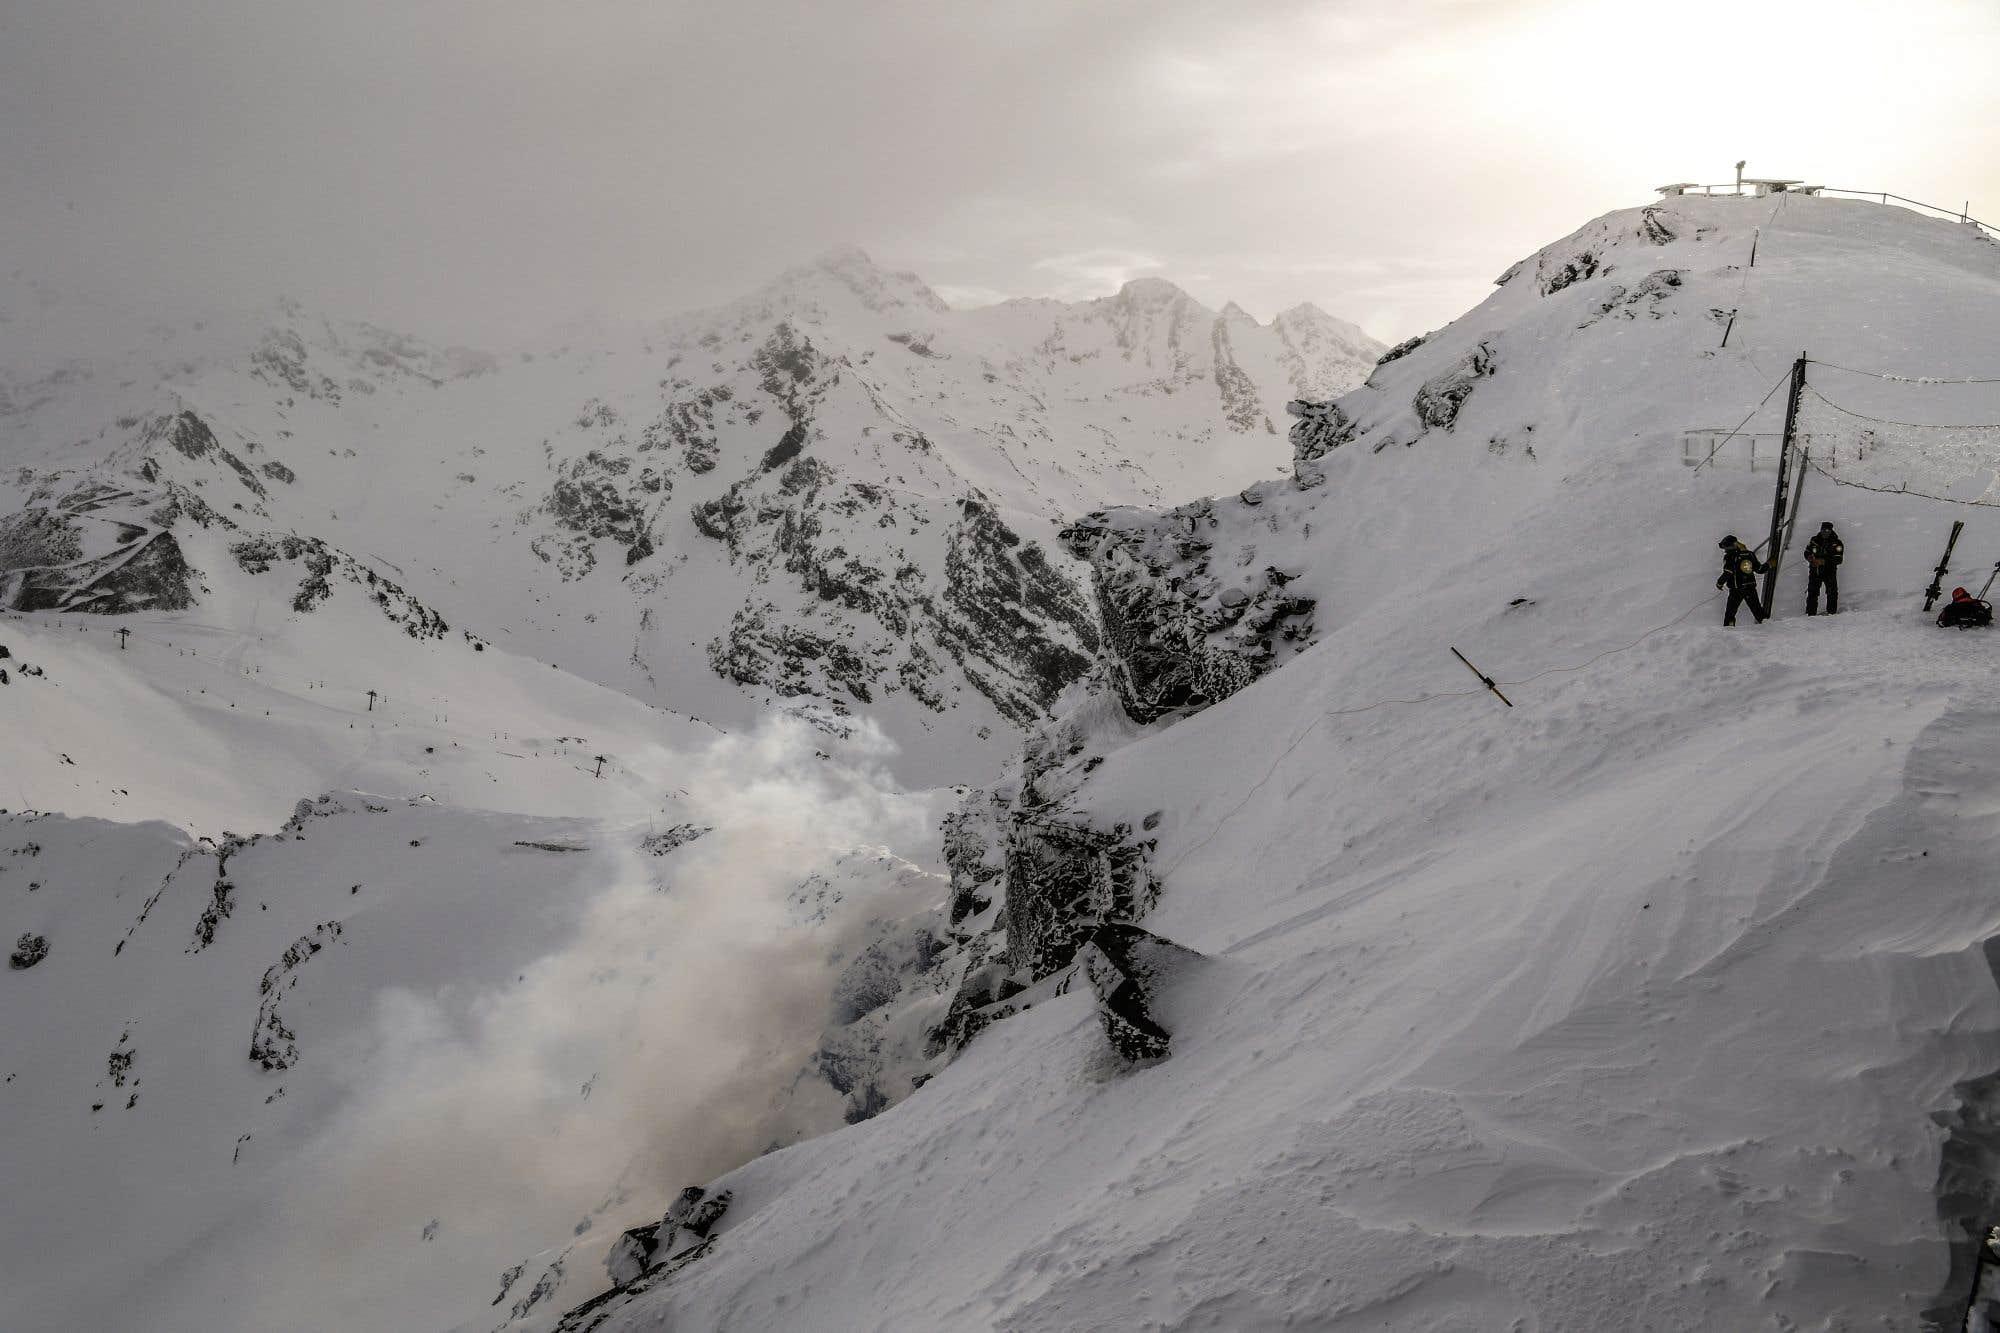 Les membres de la patrouille de ski et des dynamiteurs font exploser un bâton de dynamite de 2,5 kg dans le cadre de l'entretien des avalanches, dans les Alpes françaises, après d'importantes chutes de neige. En Suisse, la neige et les avalanches ont piégé plus de 13 000 touristes à Zermatt. La neige a également bloqué toutes les routes et le train menant à la station.